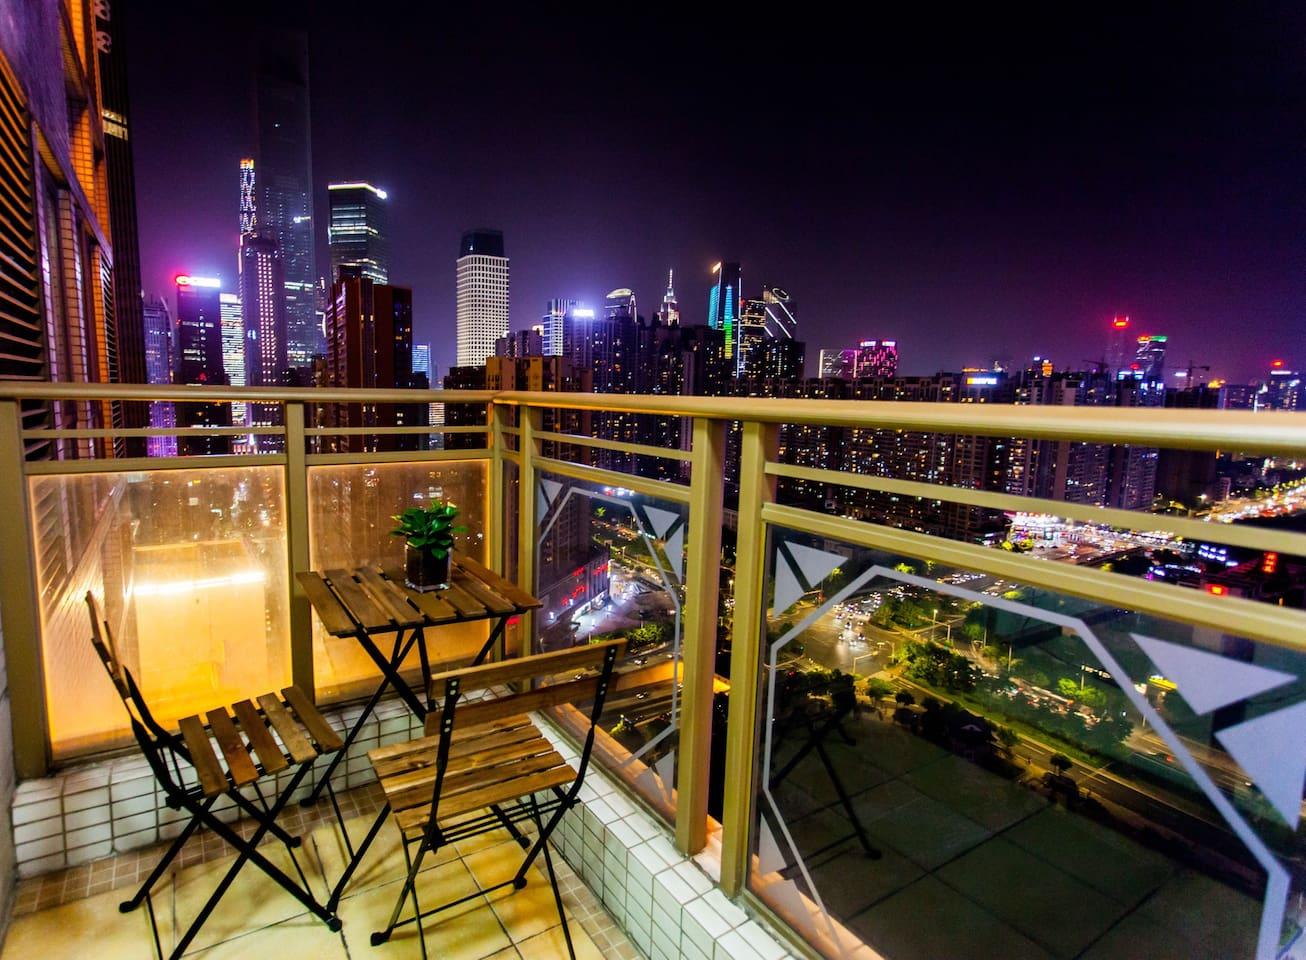 高层阳台可以俯视整个商务中心的夜景